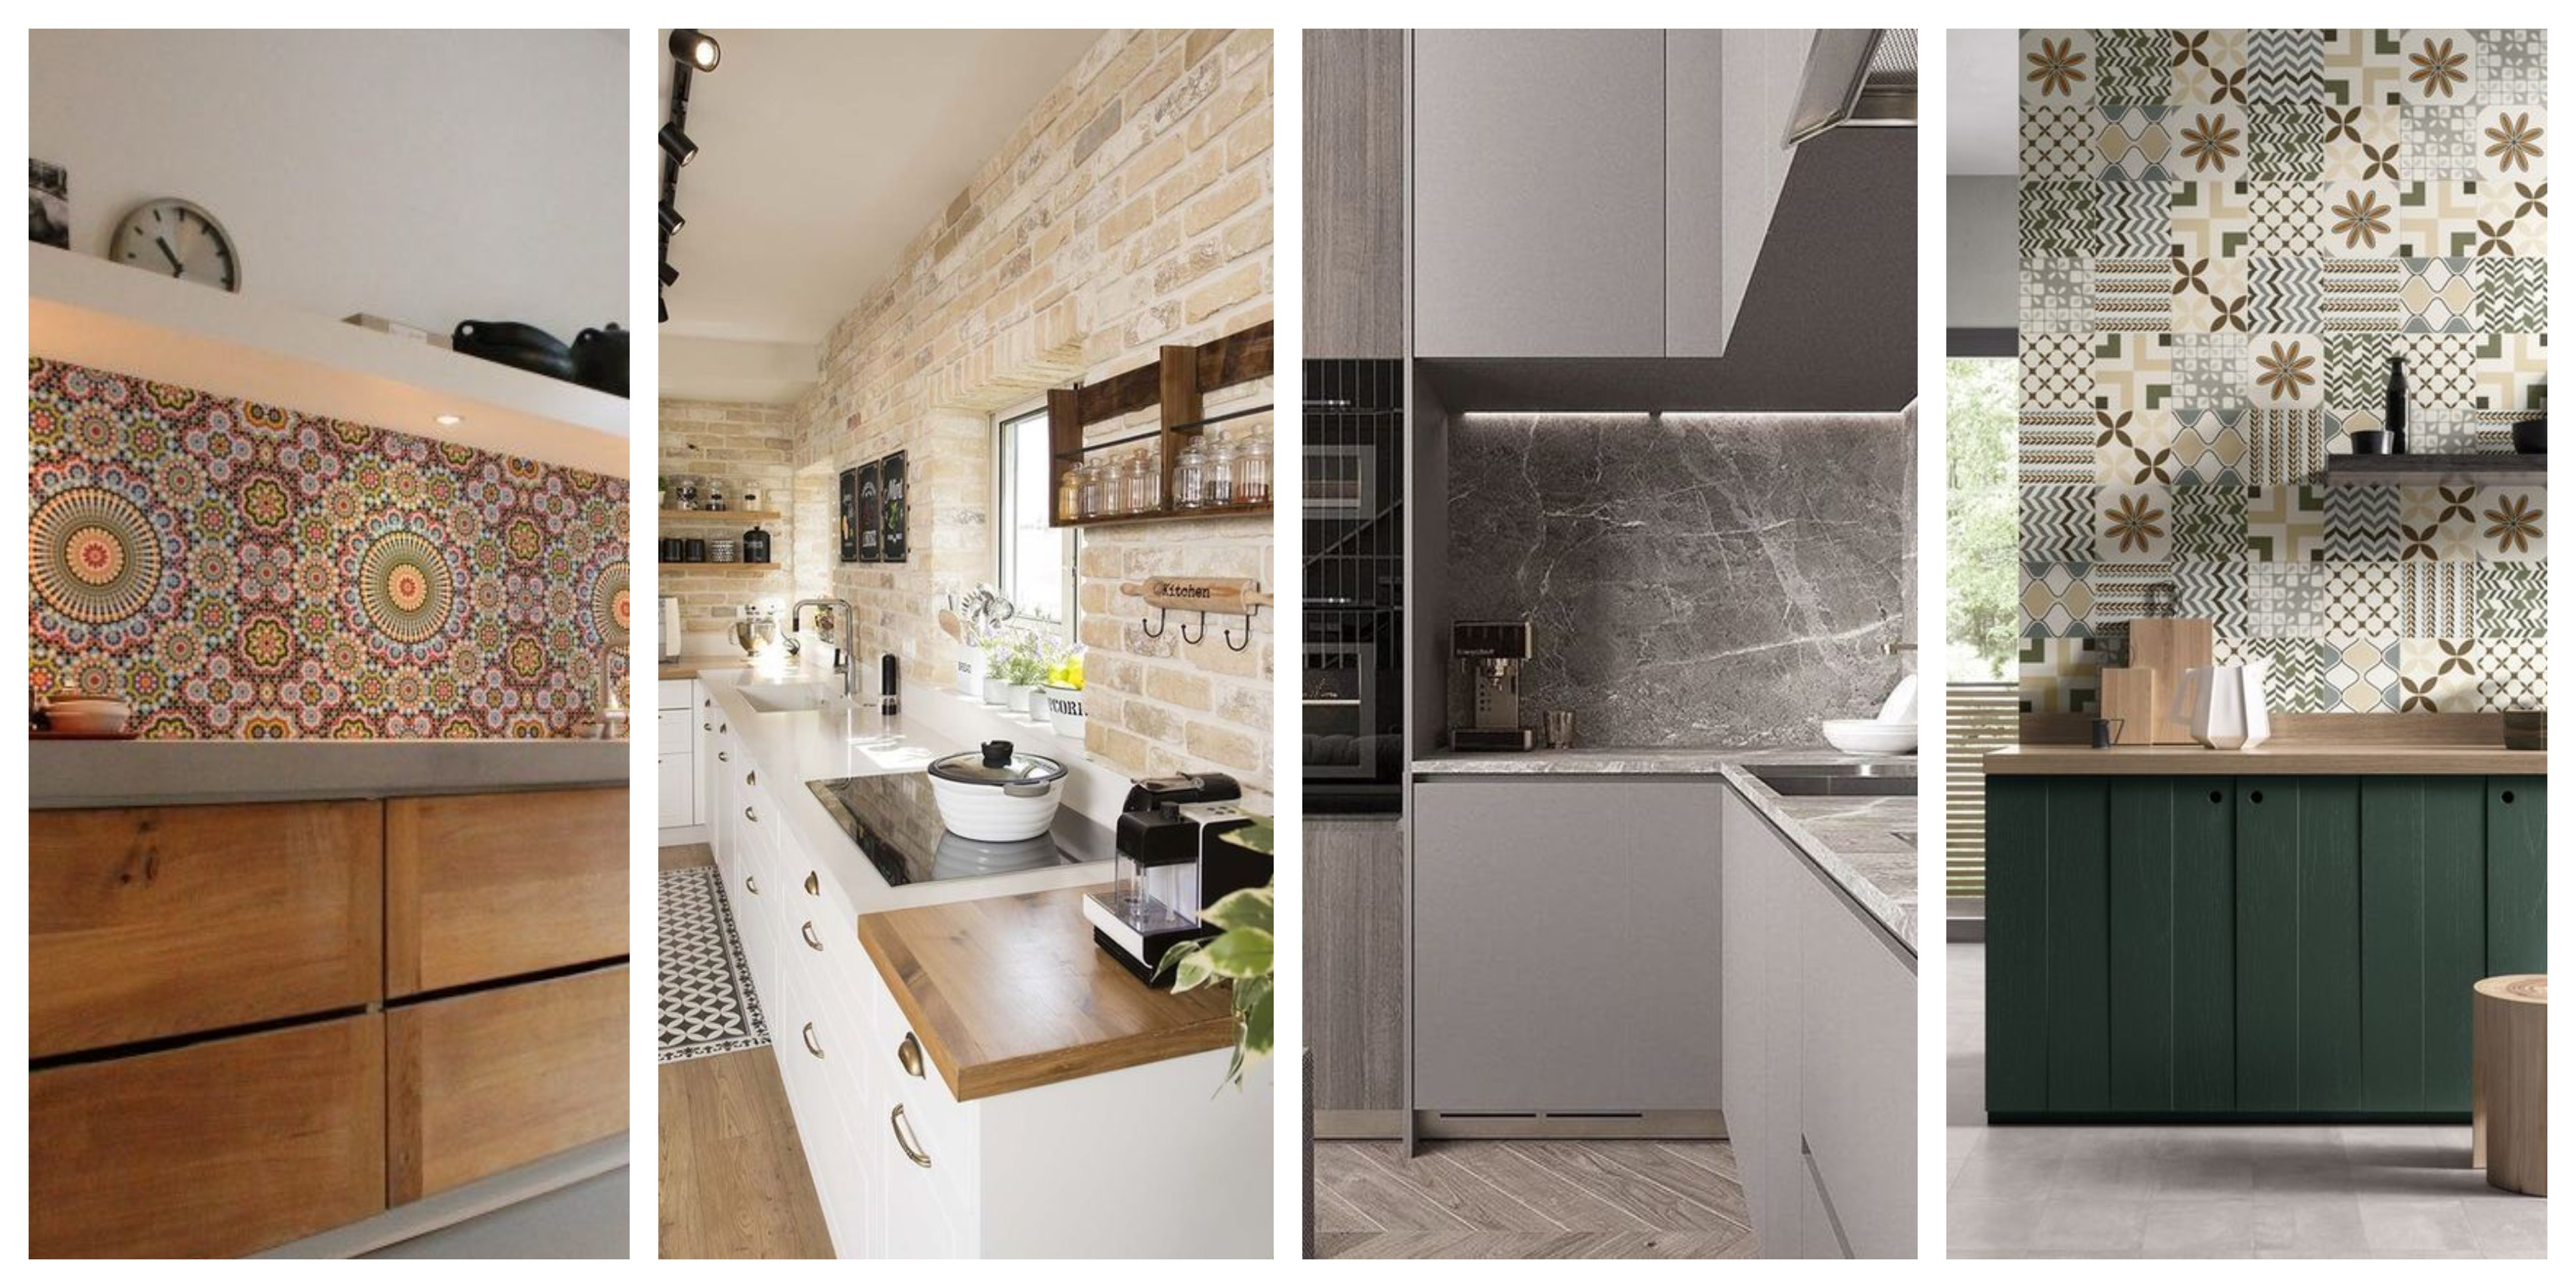 Obklady do kuchyně - fotogalerie, inspirace